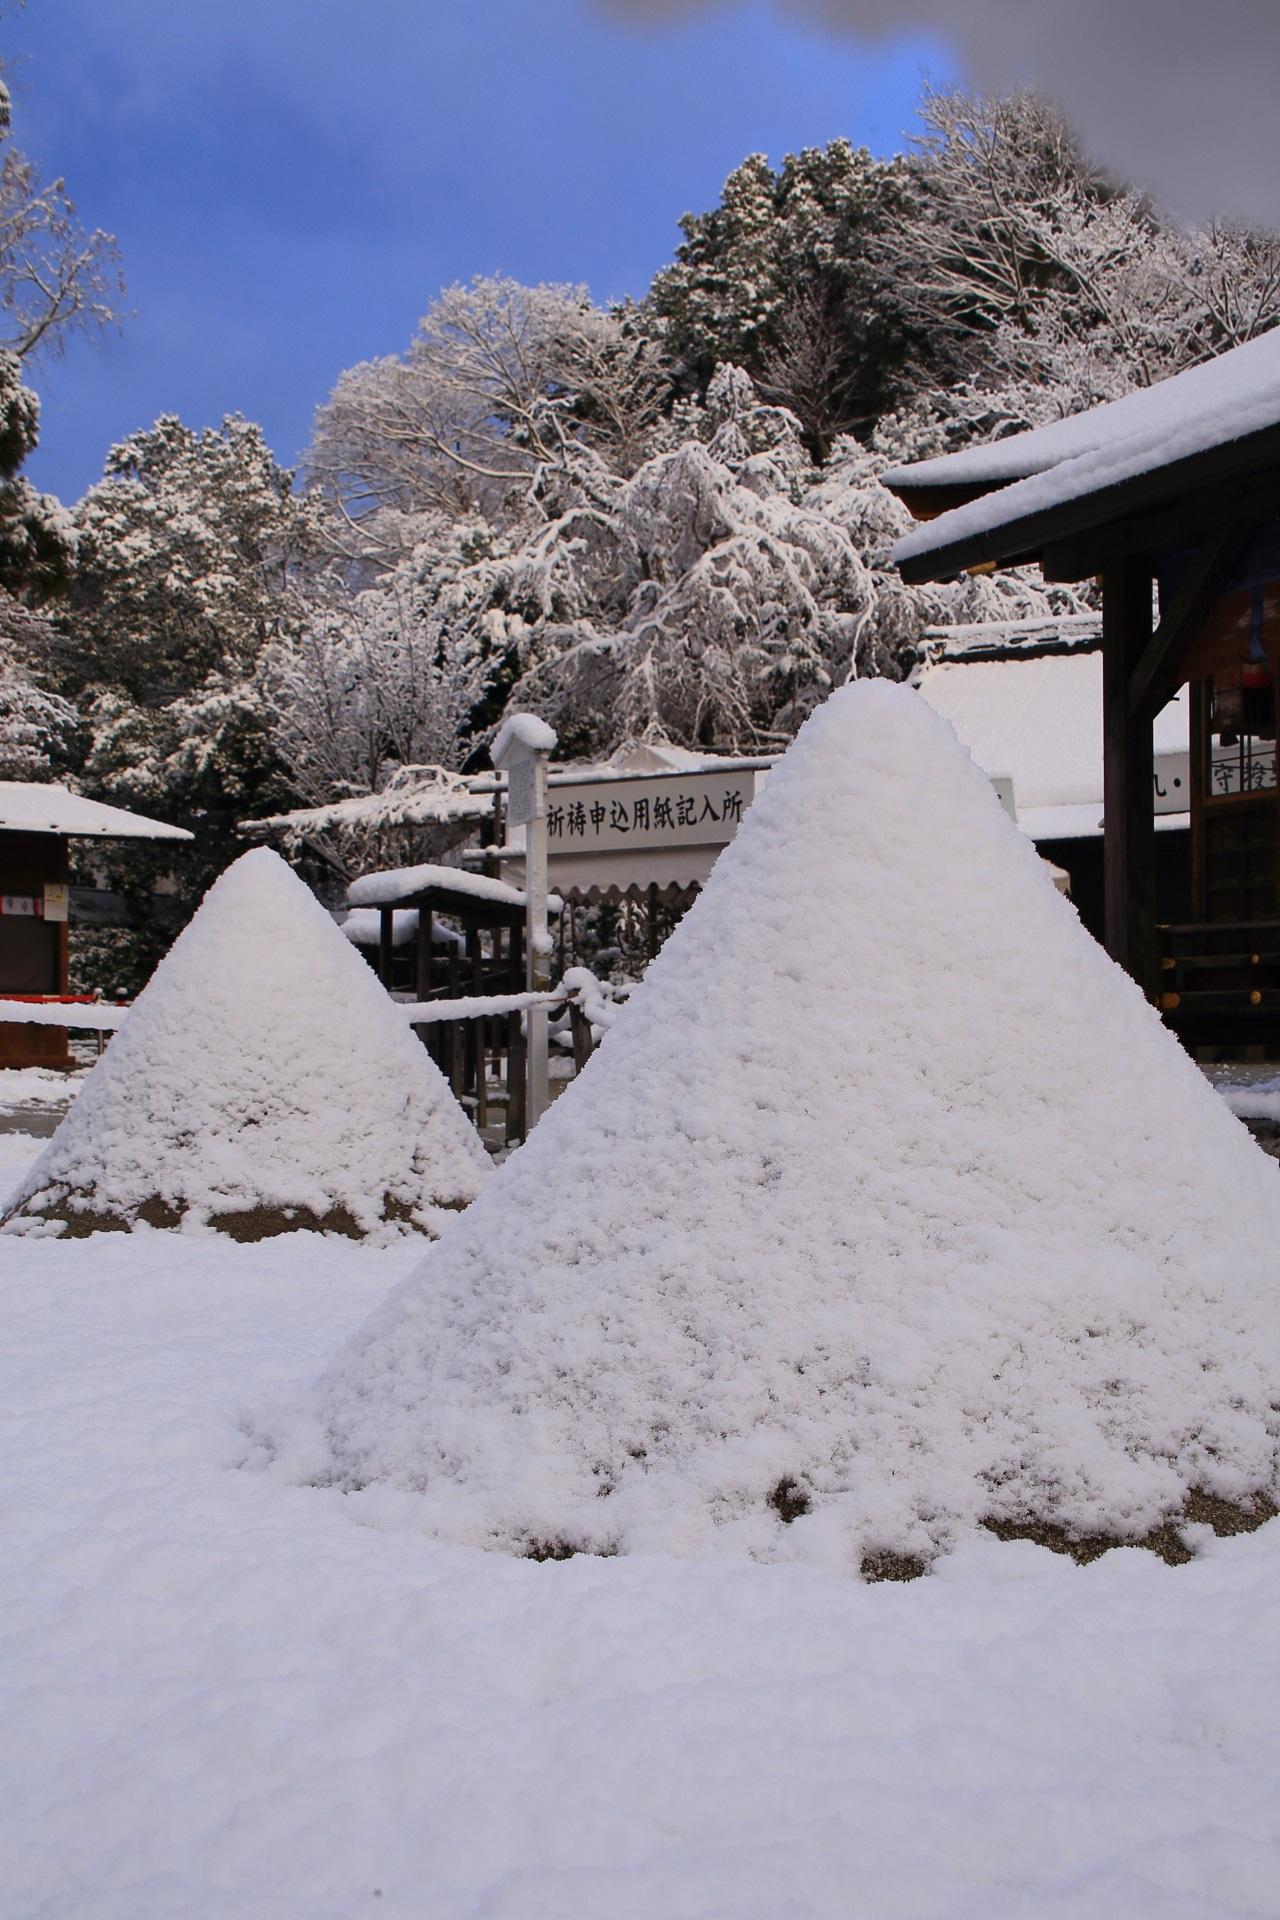 上賀茂神社の白い立砂と木々に咲く雪の花